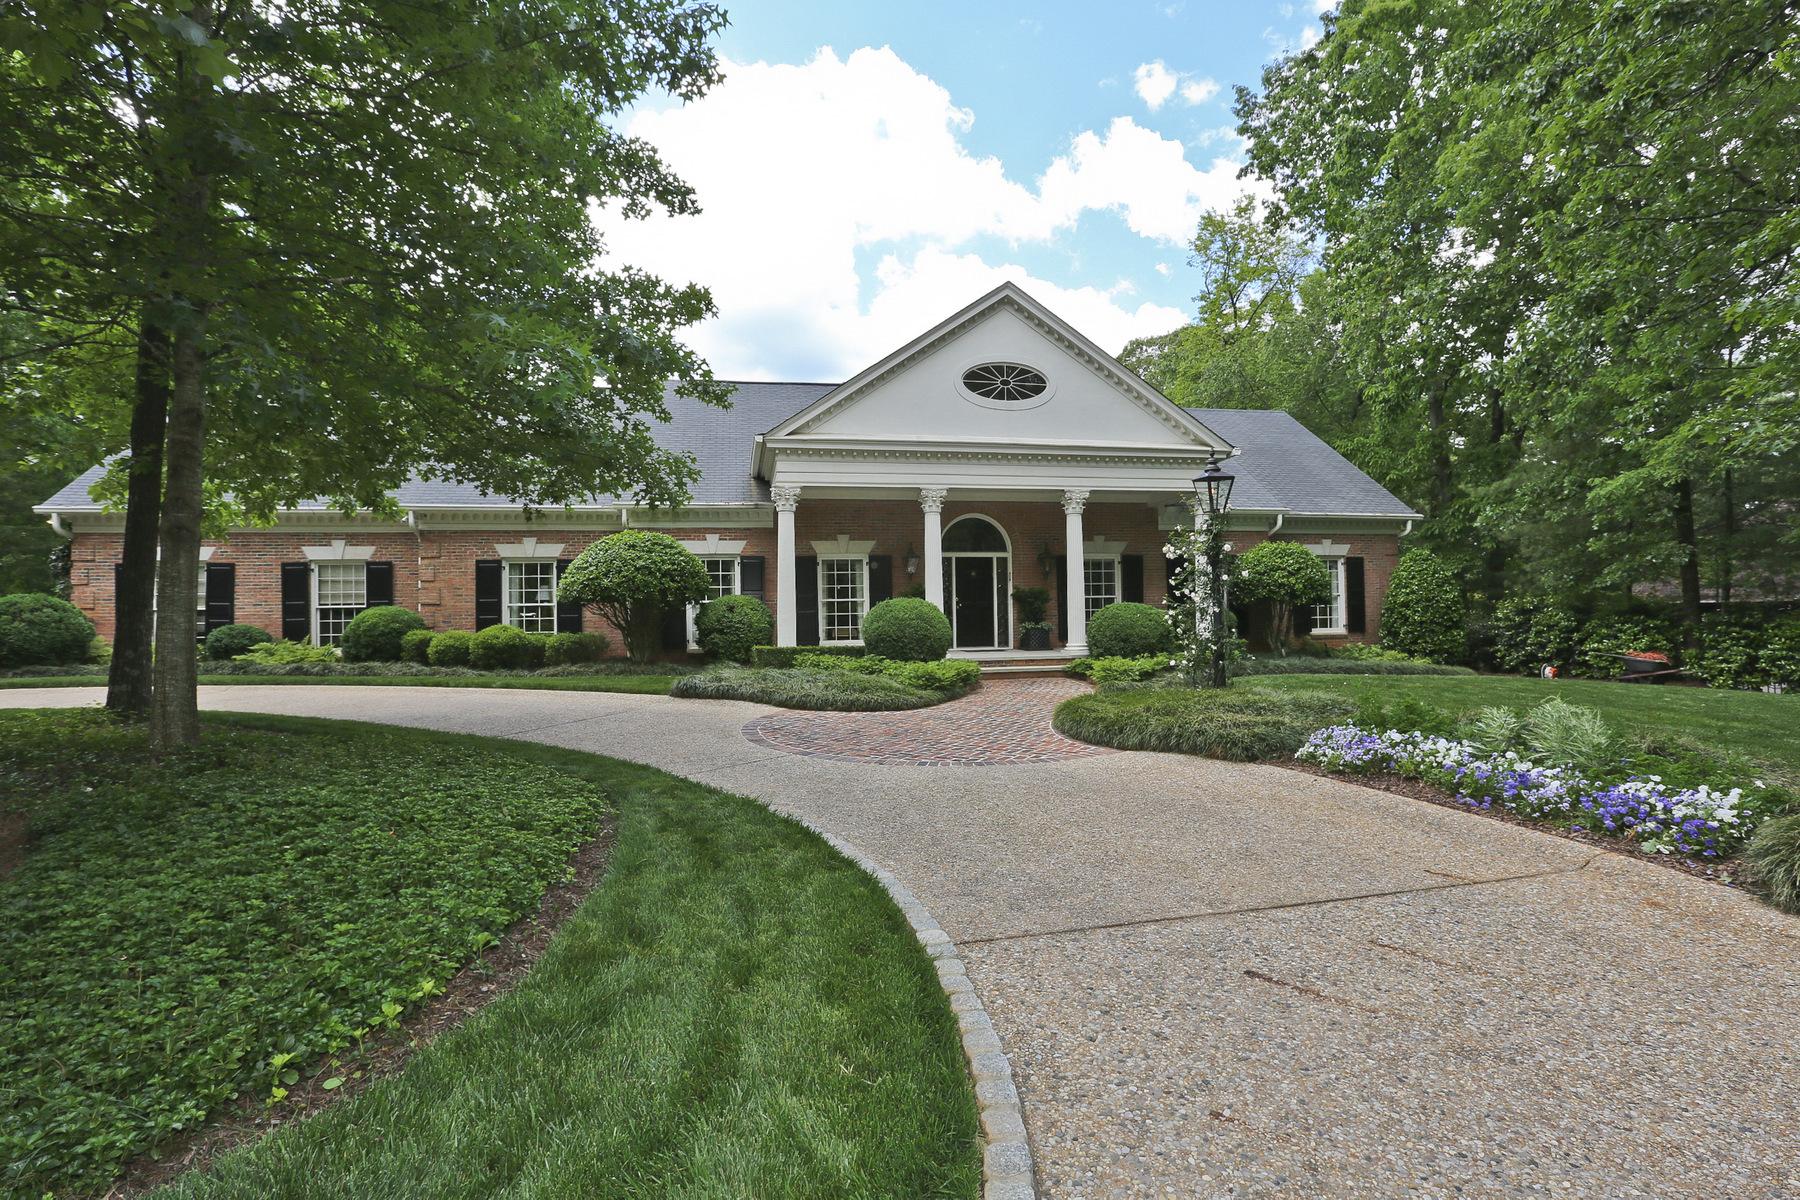 단독 가정 주택 용 매매 에 Renovated Brick Home In Sandy Springs With Pool And English Gardens 5660 Glen Errol Road Atlanta, 조지아, 30327 미국